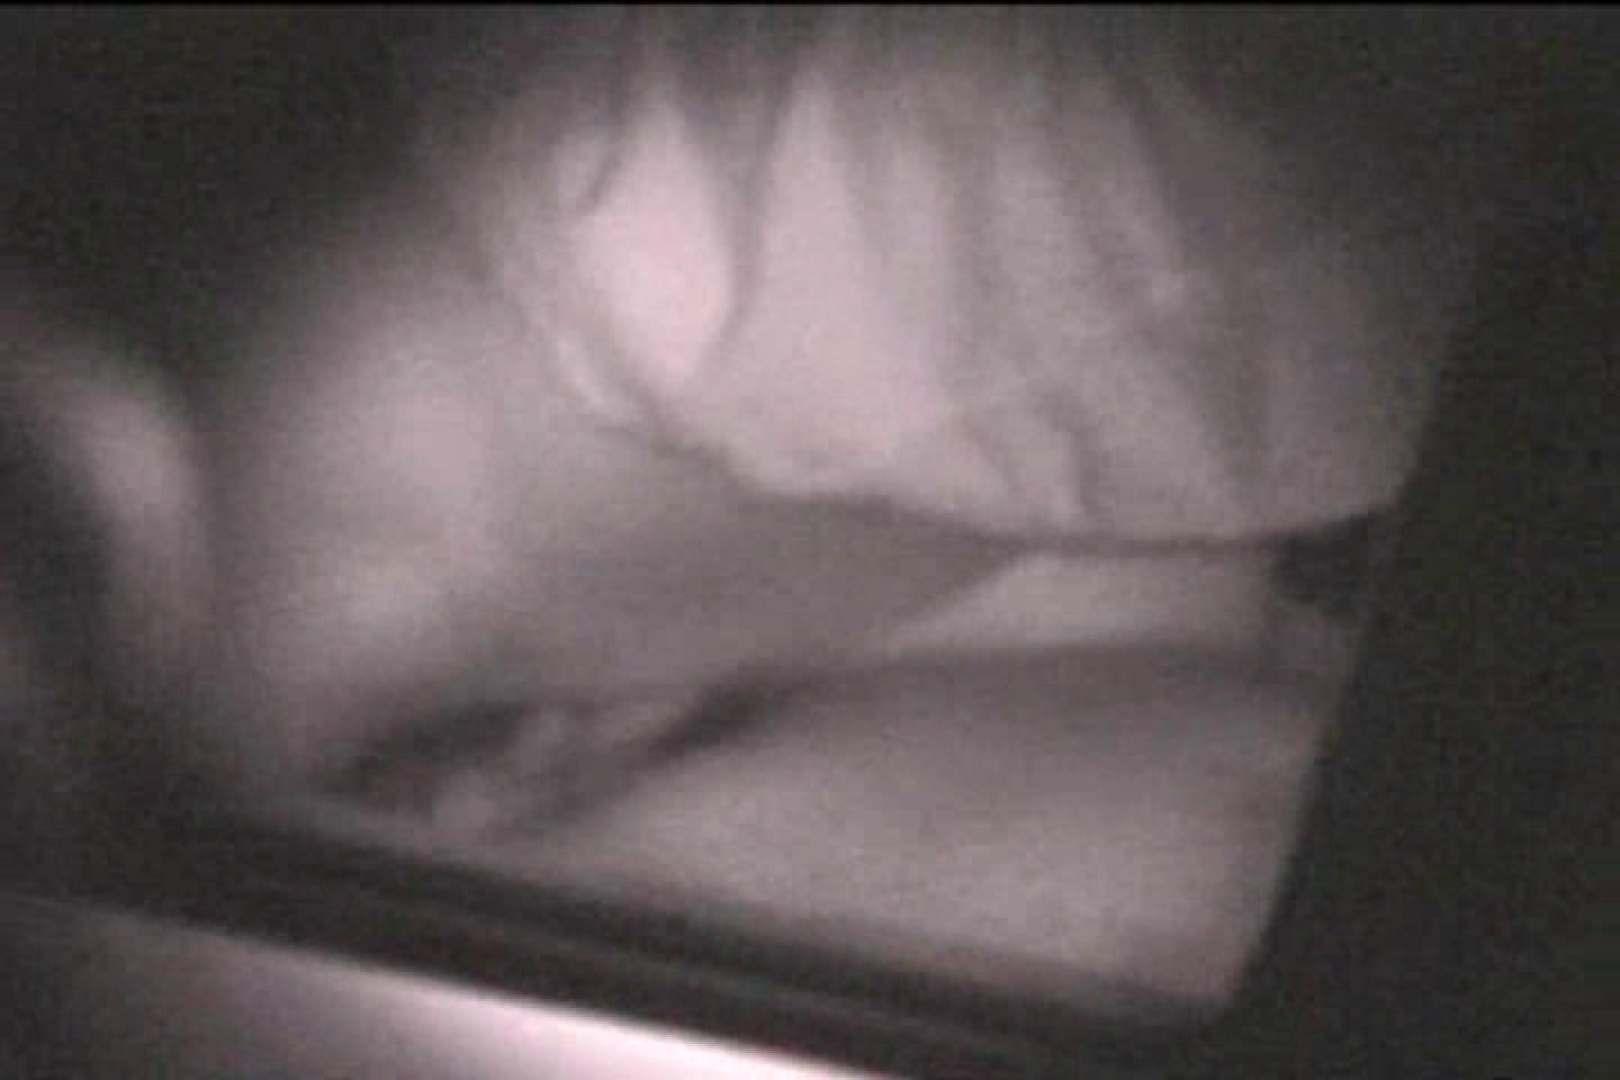 蔵出し!!赤外線カーセックスVol.28 素人丸裸 おまんこ無修正動画無料 101pic 42